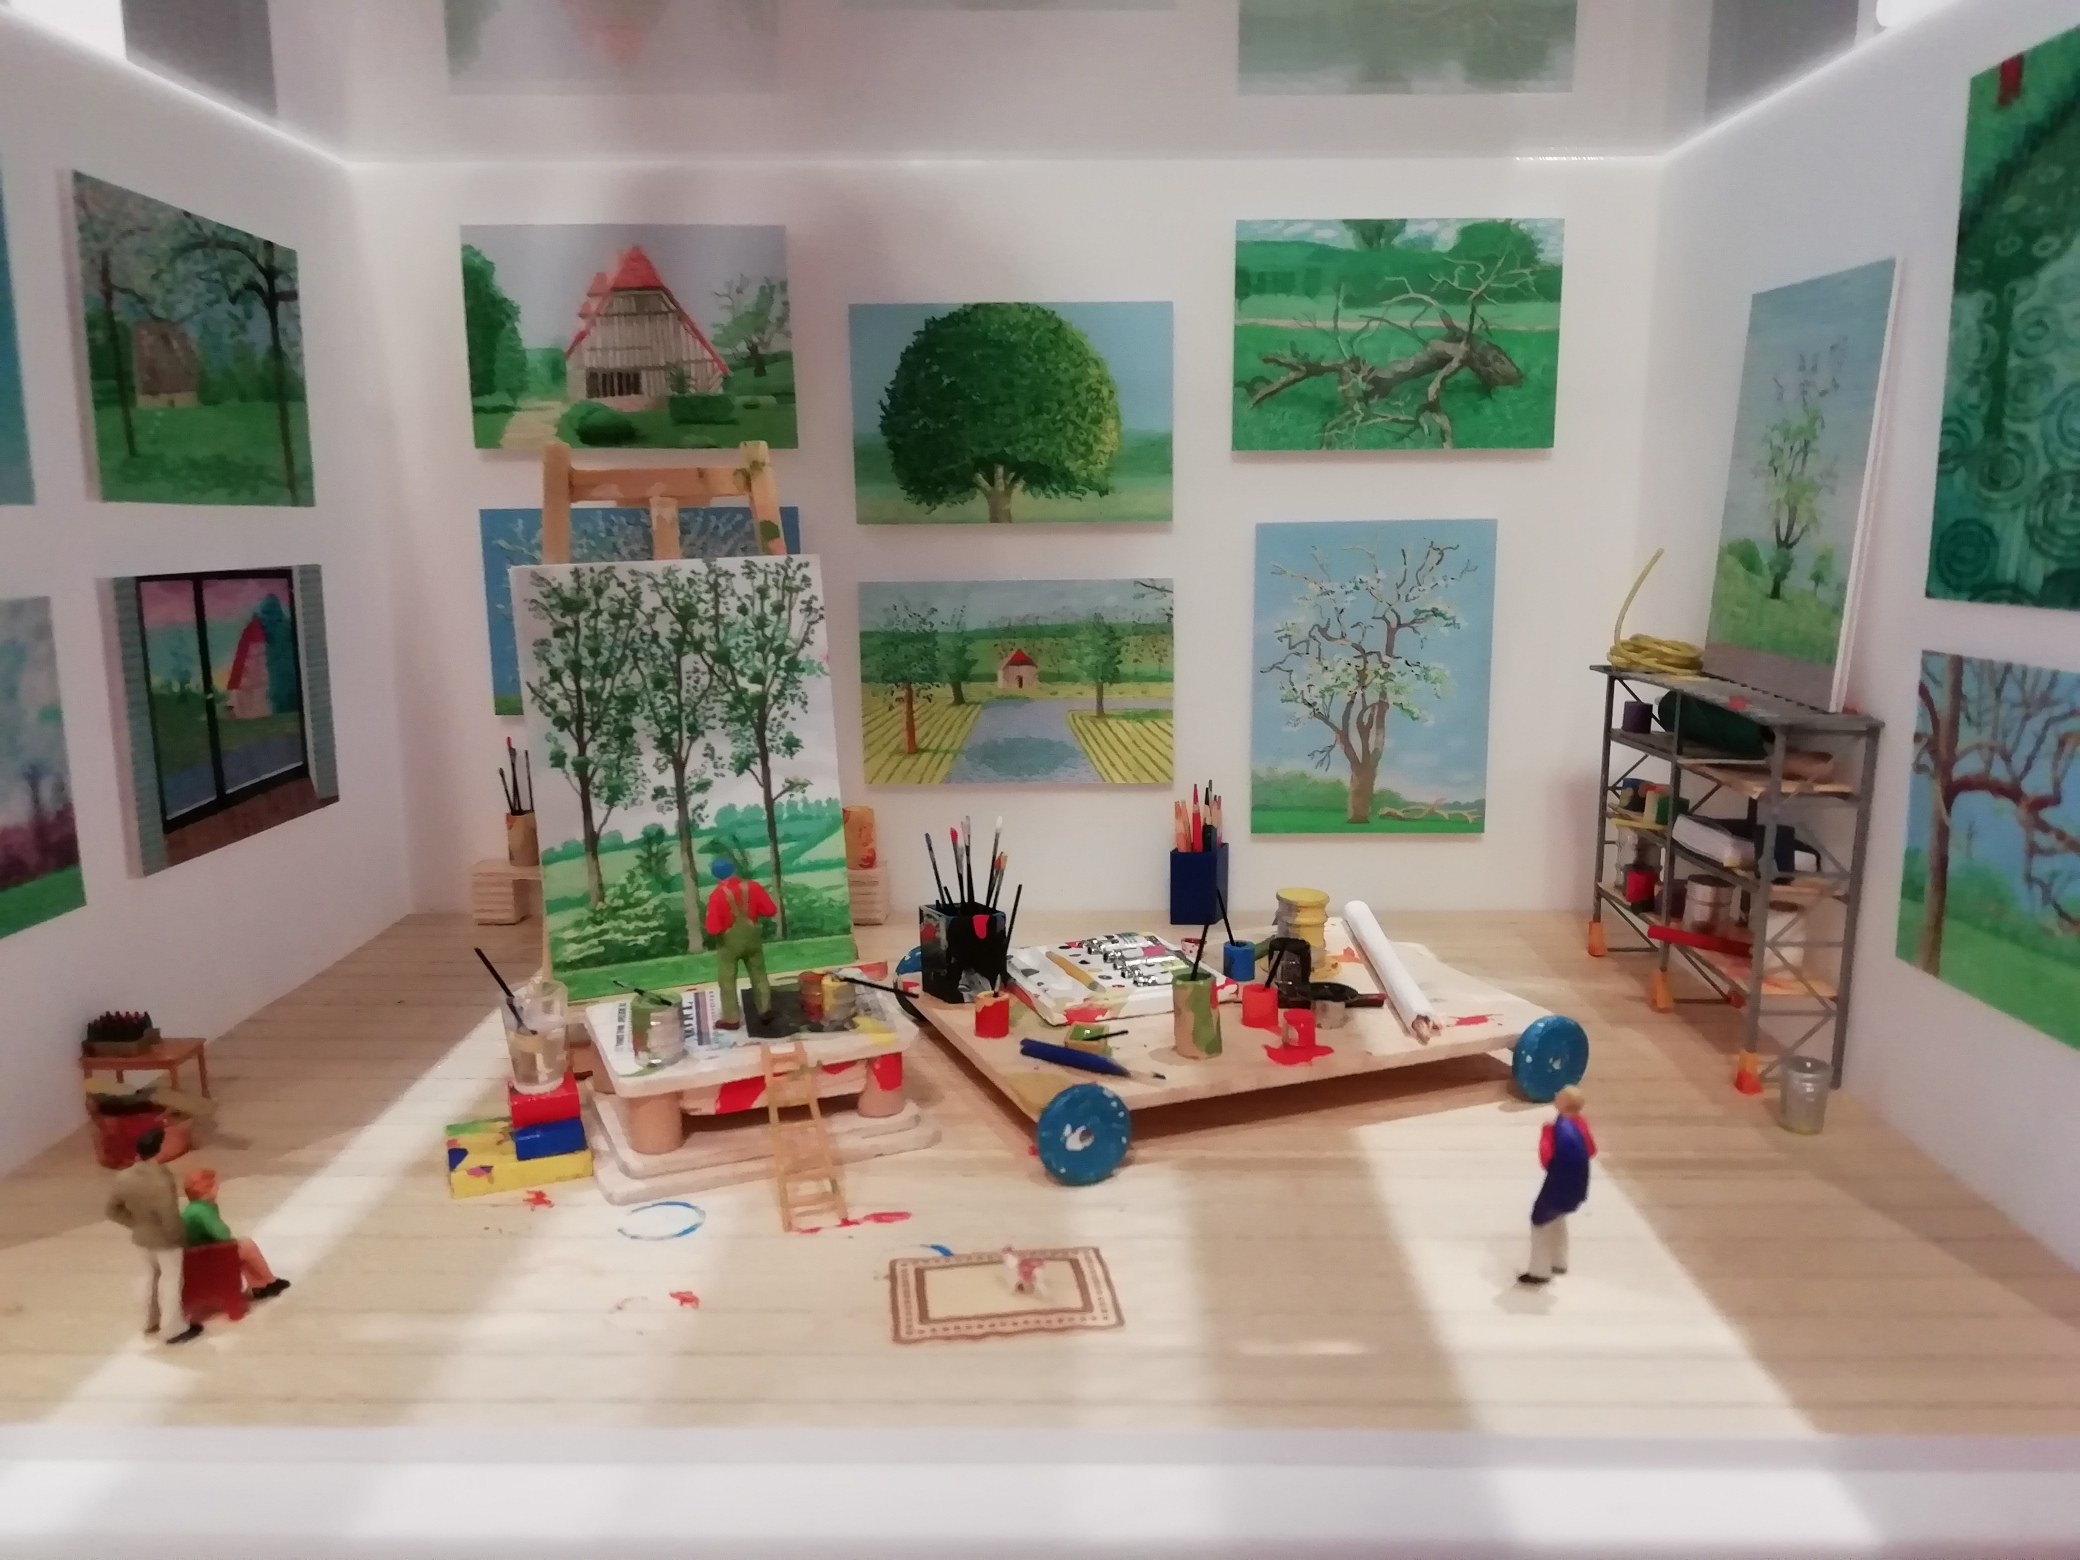 Dans l'atelier de David Hockney